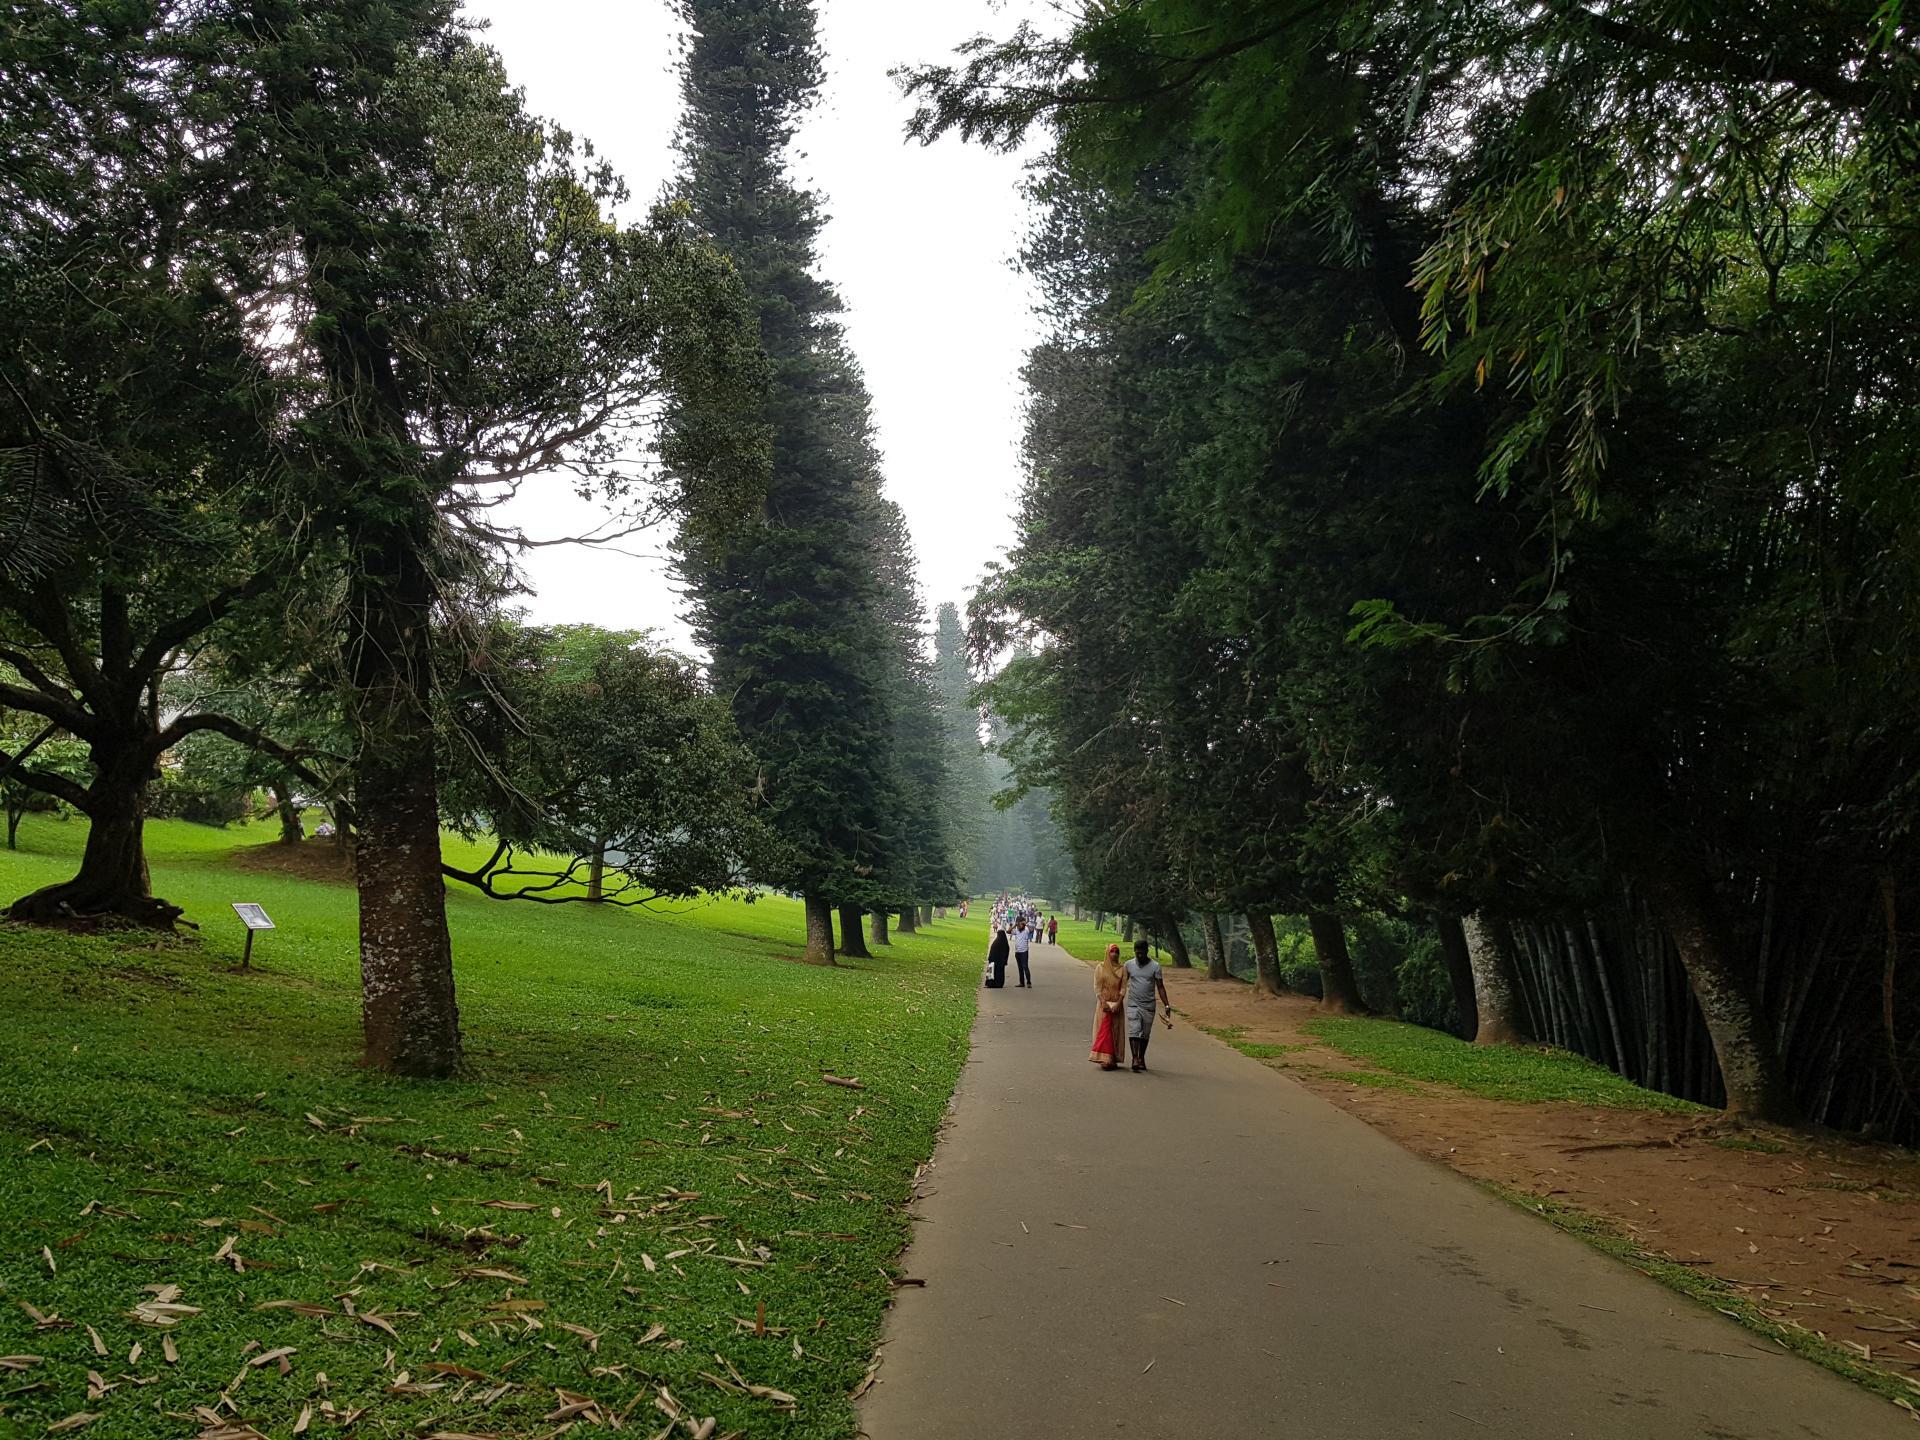 Араукарии коронавидные в Ботаническом саду Канди, Шри-Ланка.